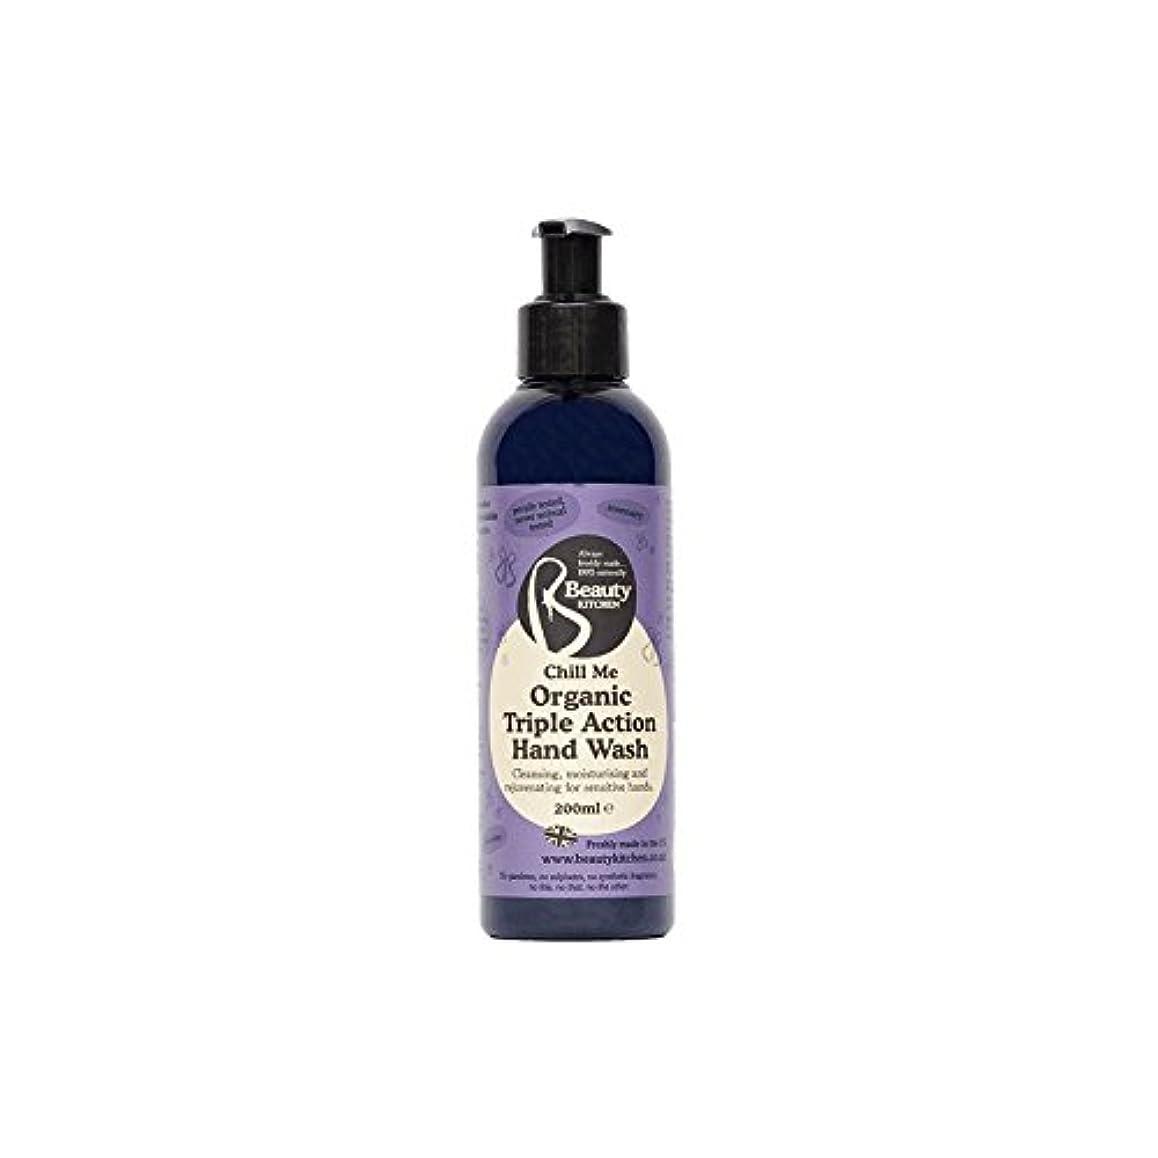 マトリックス爆弾器用Beauty Kitchen Chill Me Organic Triple Action Hand Wash 200ml (Pack of 6) - 美しさのキッチンは私に有機トリプルアクションハンドウォッシュ200ミリリットル...